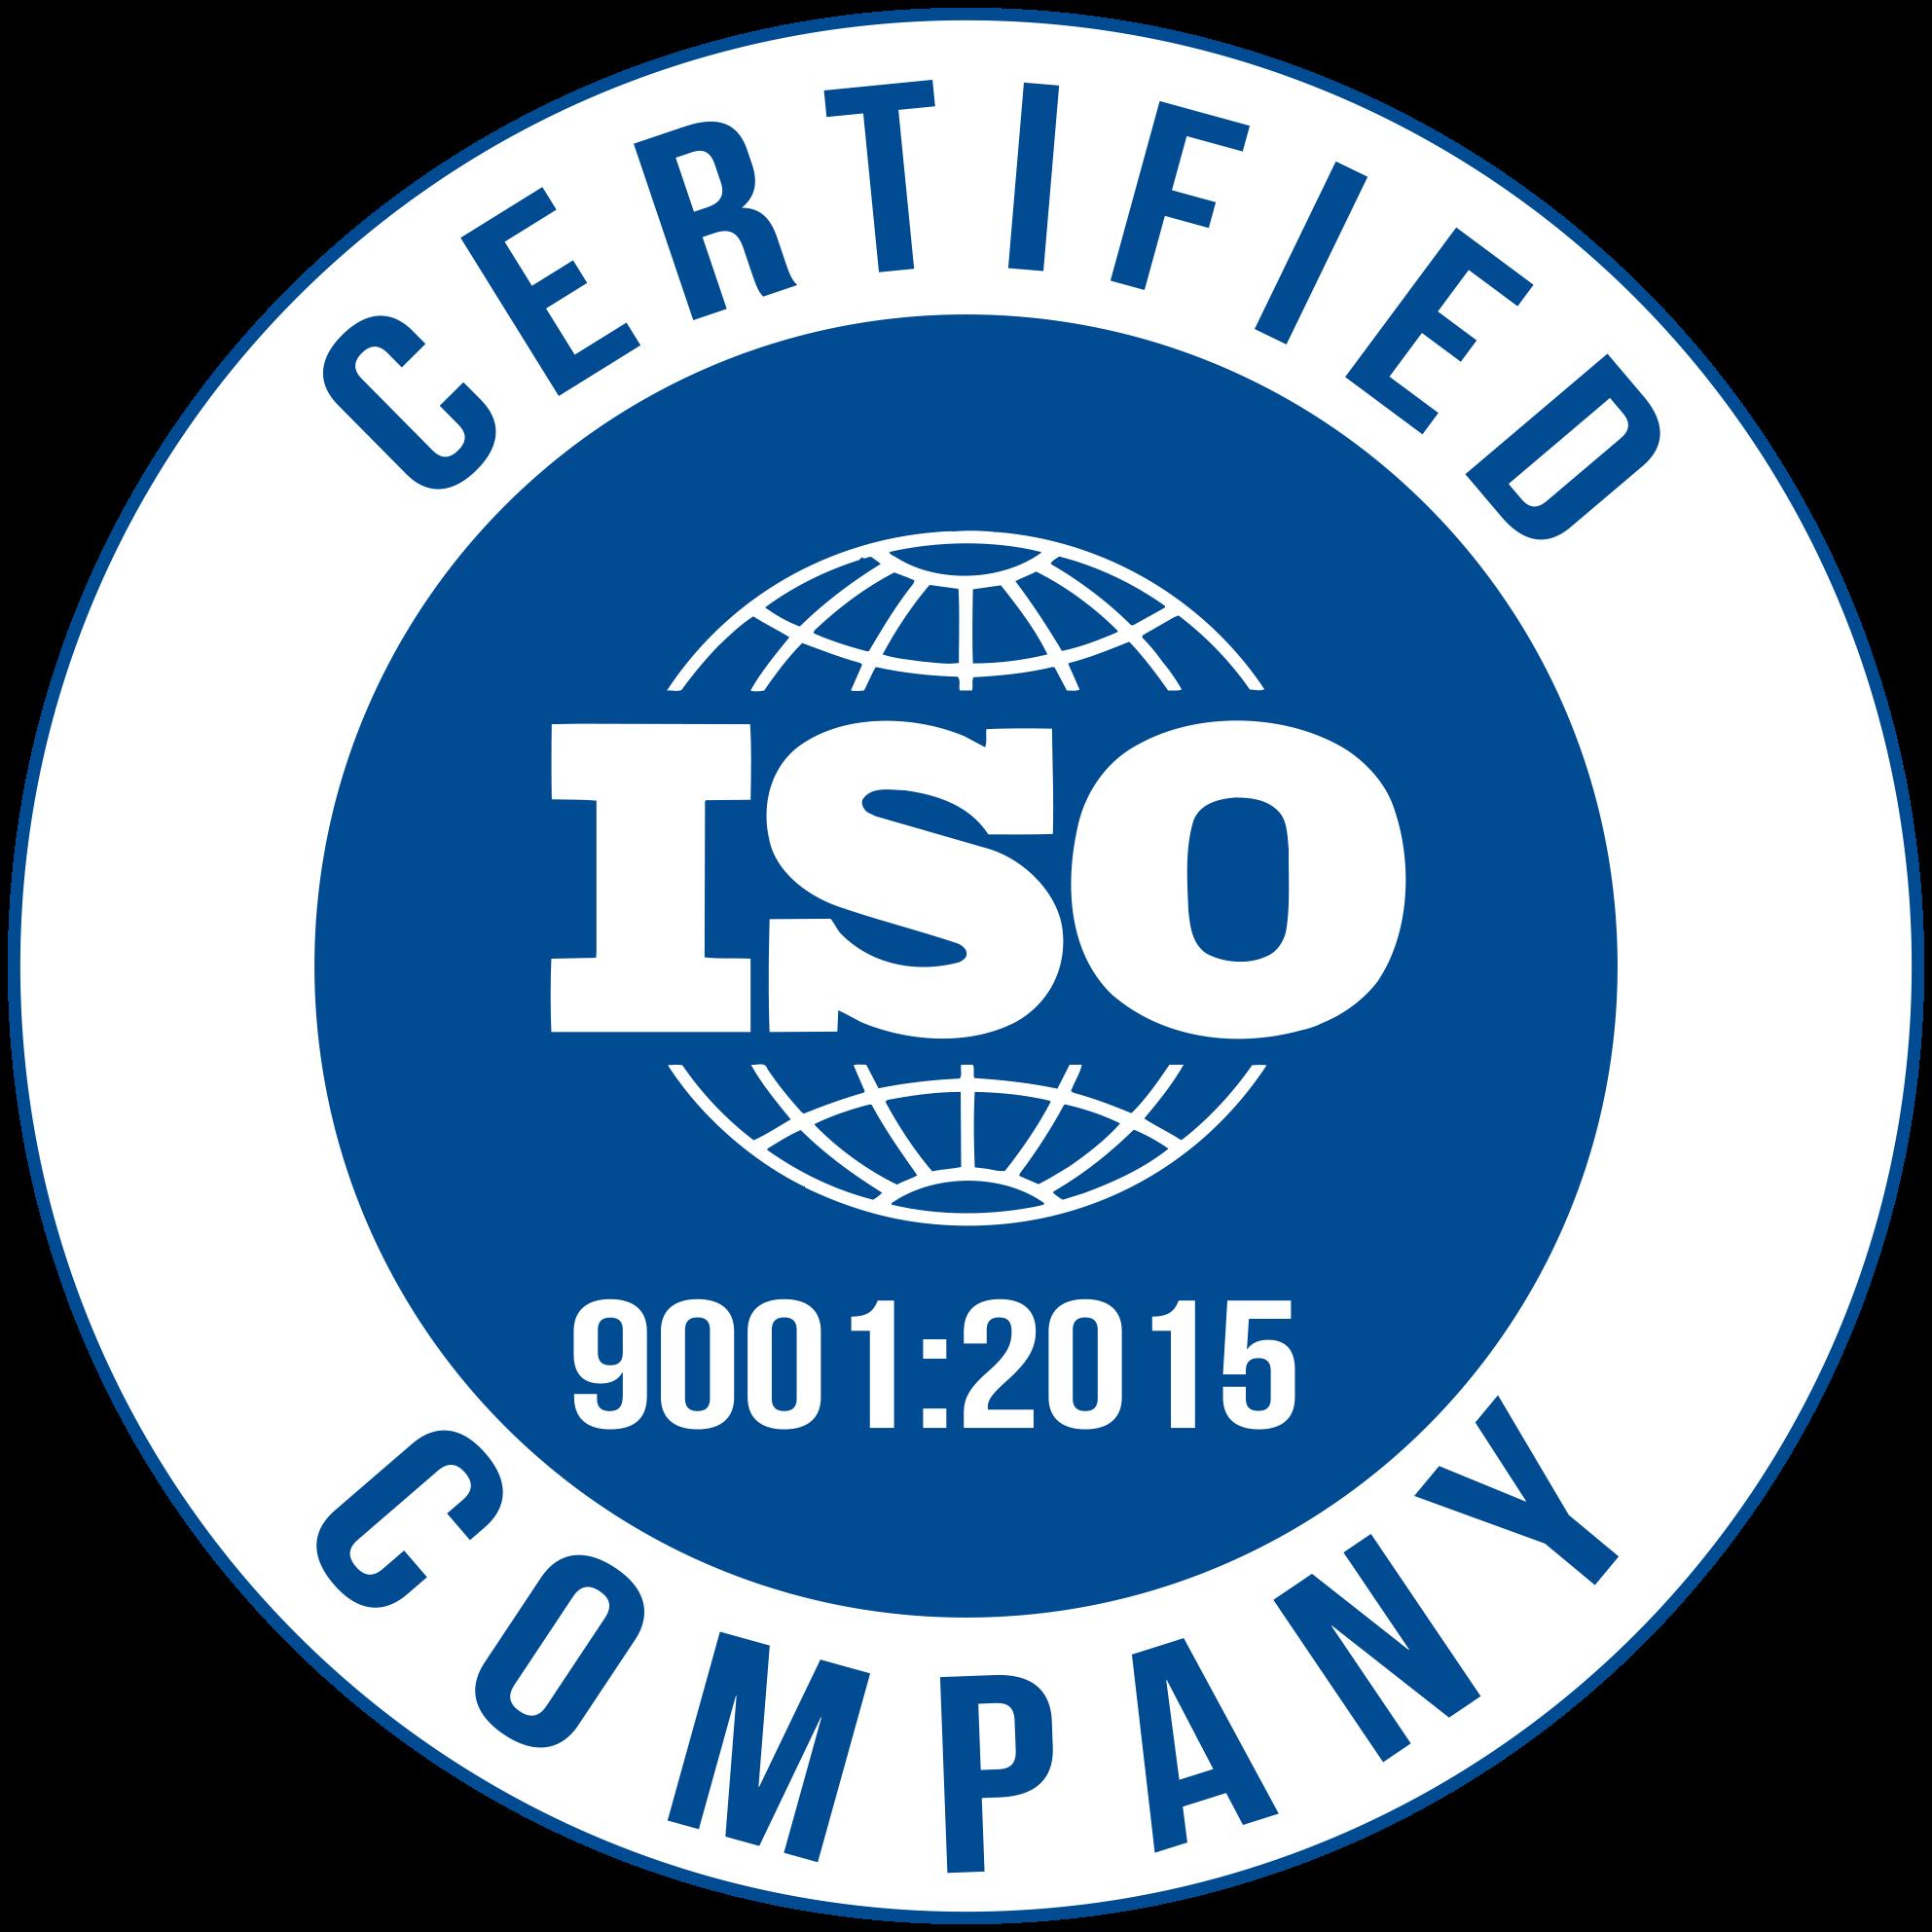 Соответствуем требованиями стандарта ISO 9001:2015